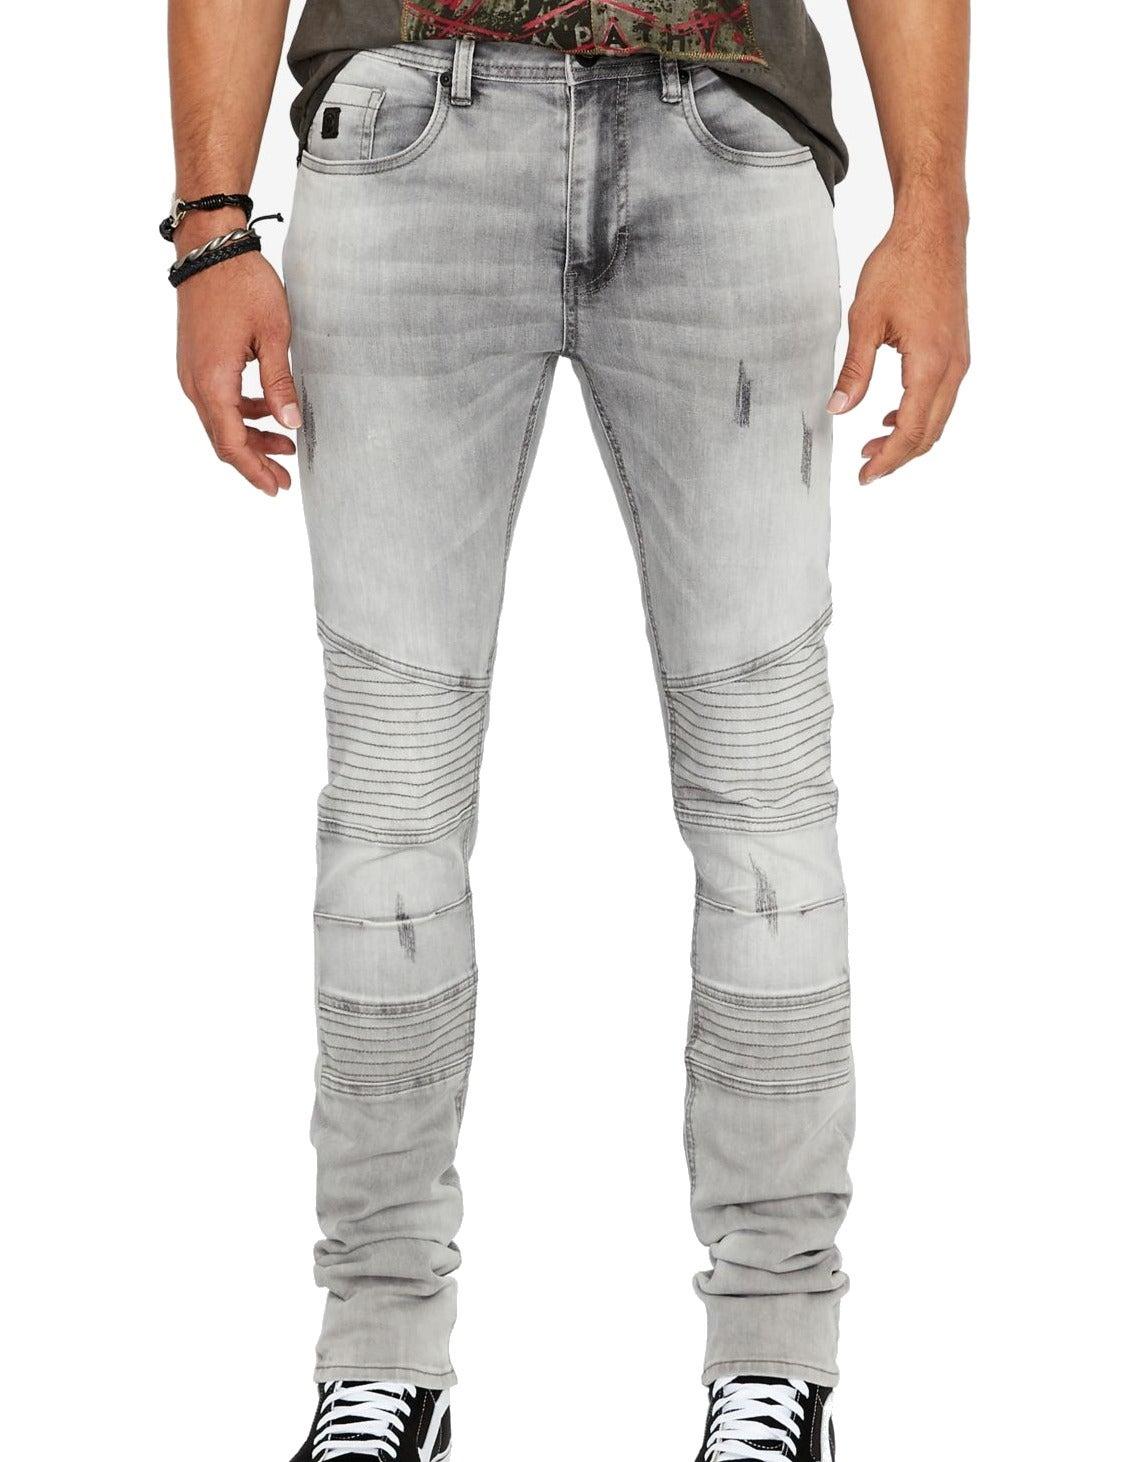 Buffalo David Bitton Mens Jeans Gray Size 38X30 Slim Skinny Stretch